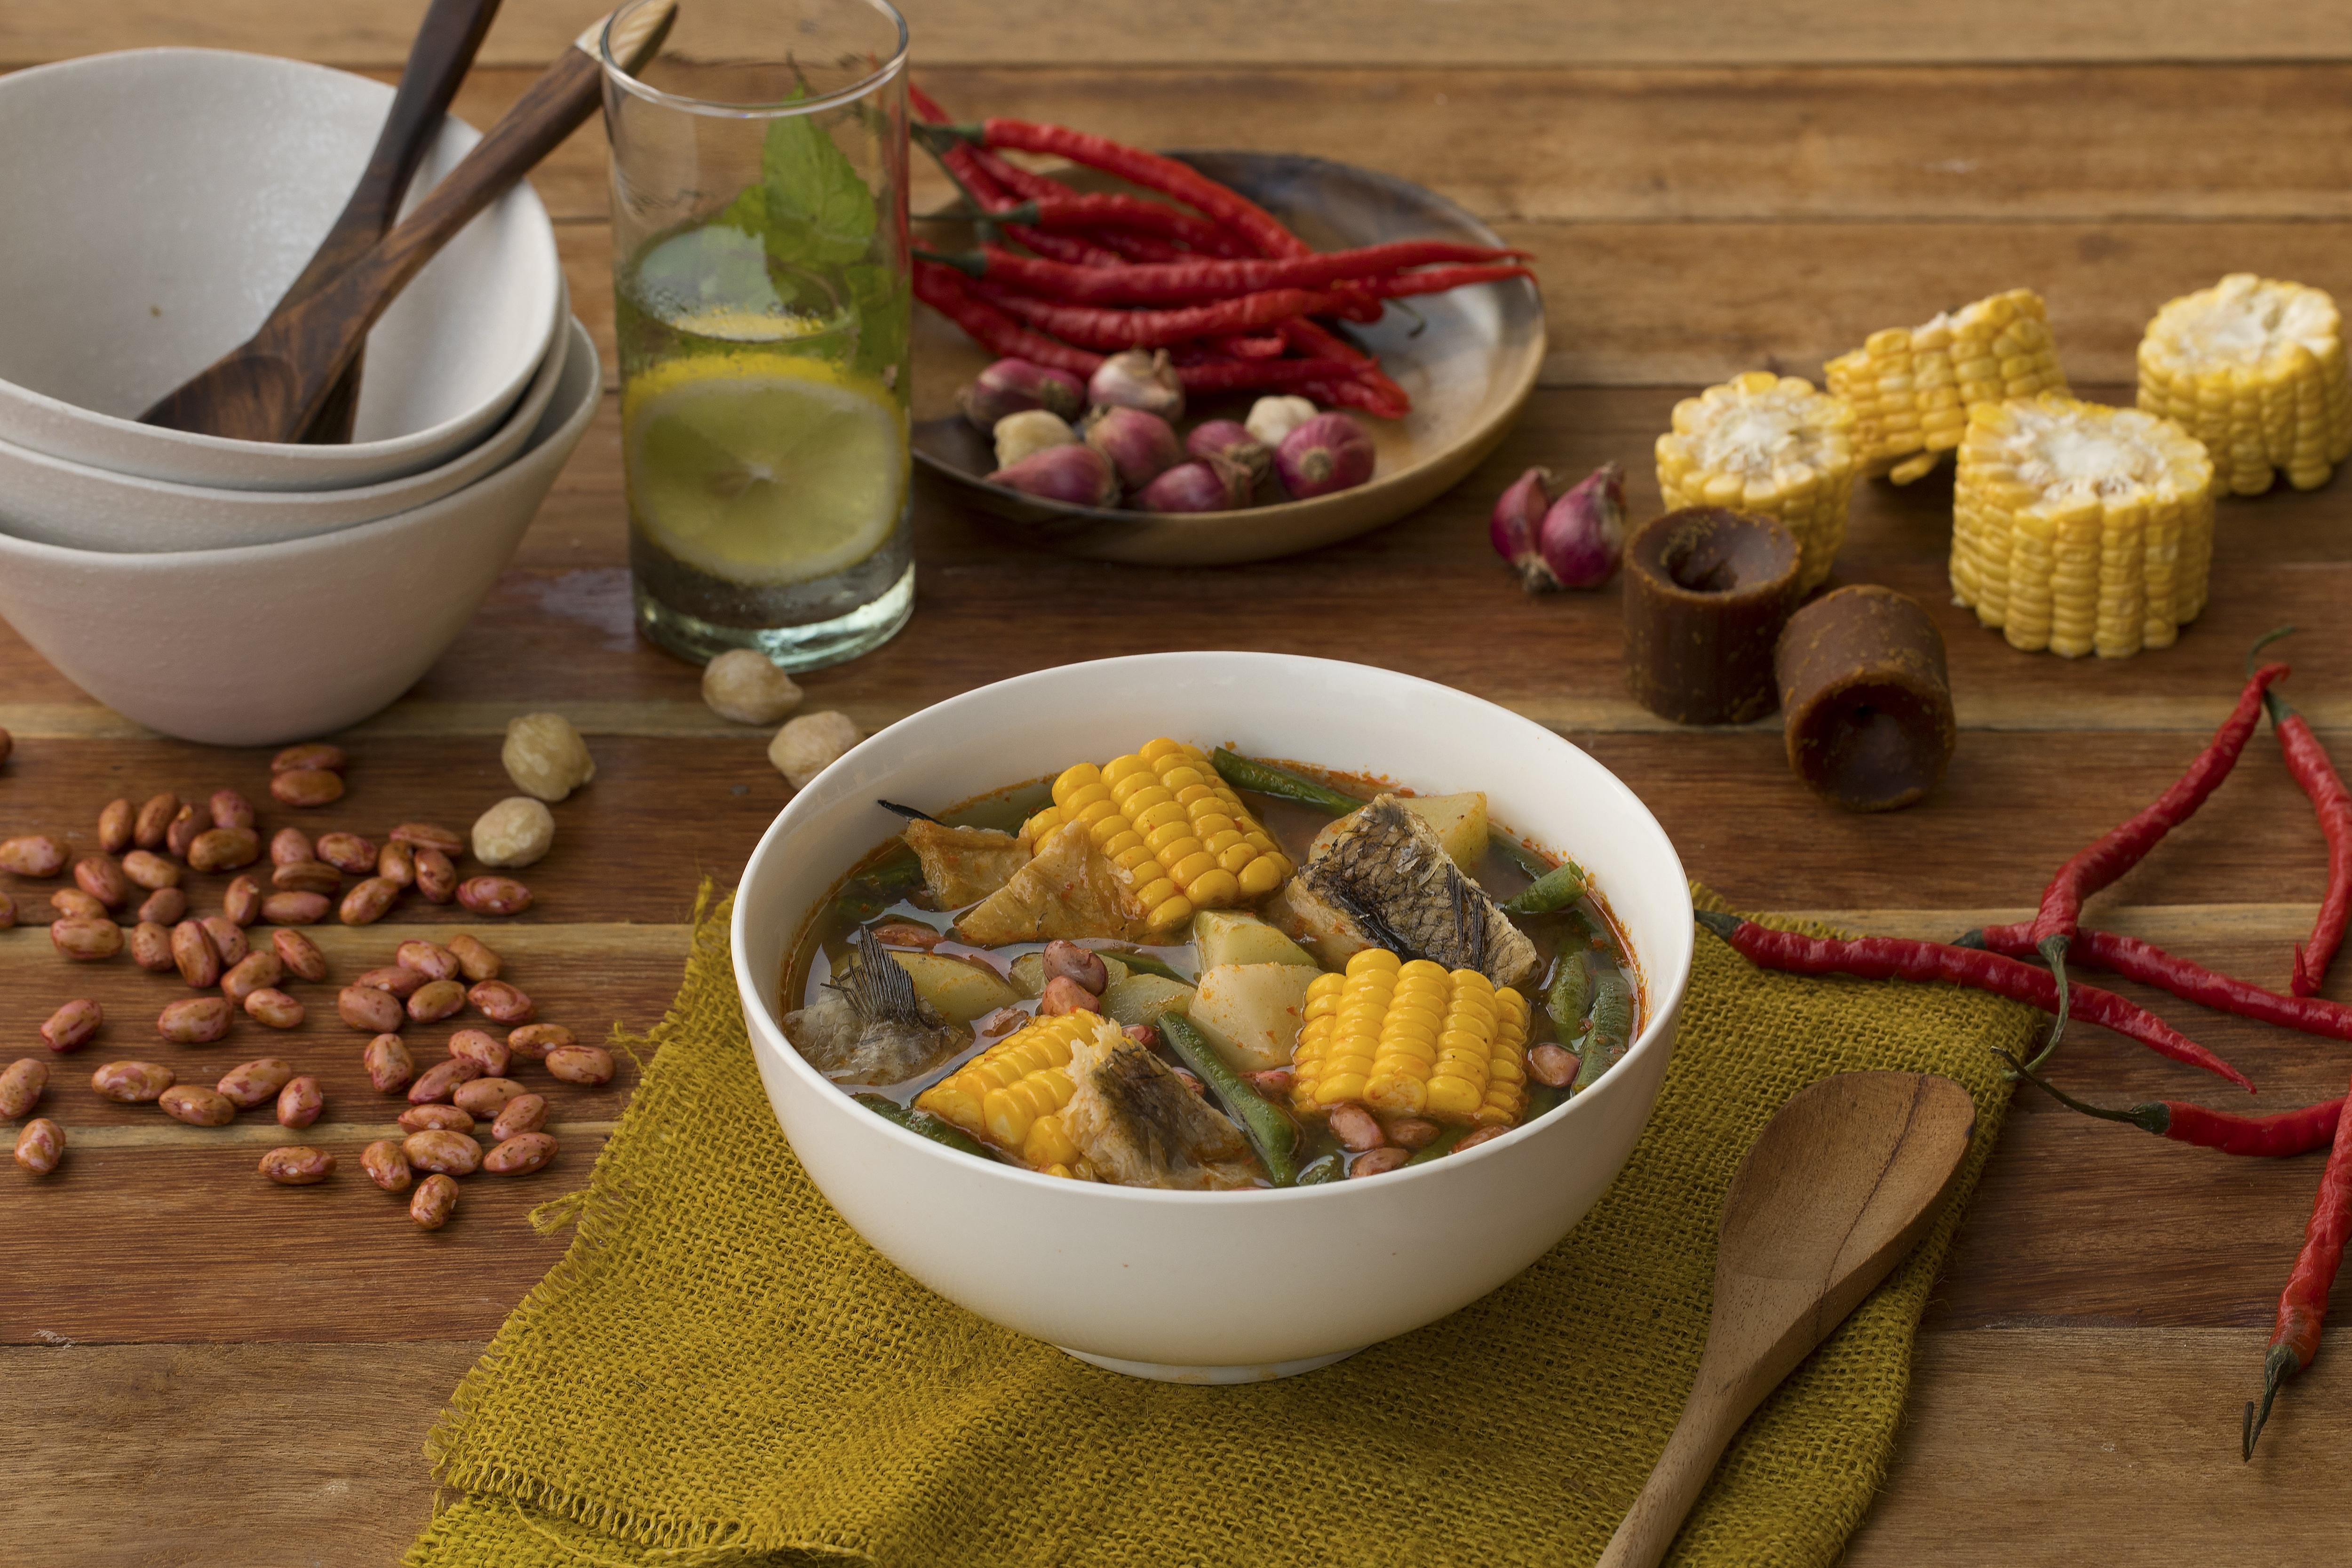 Mangkuk berisi sayur asam lengkap dengan topping berupa jagung dan sayuran.